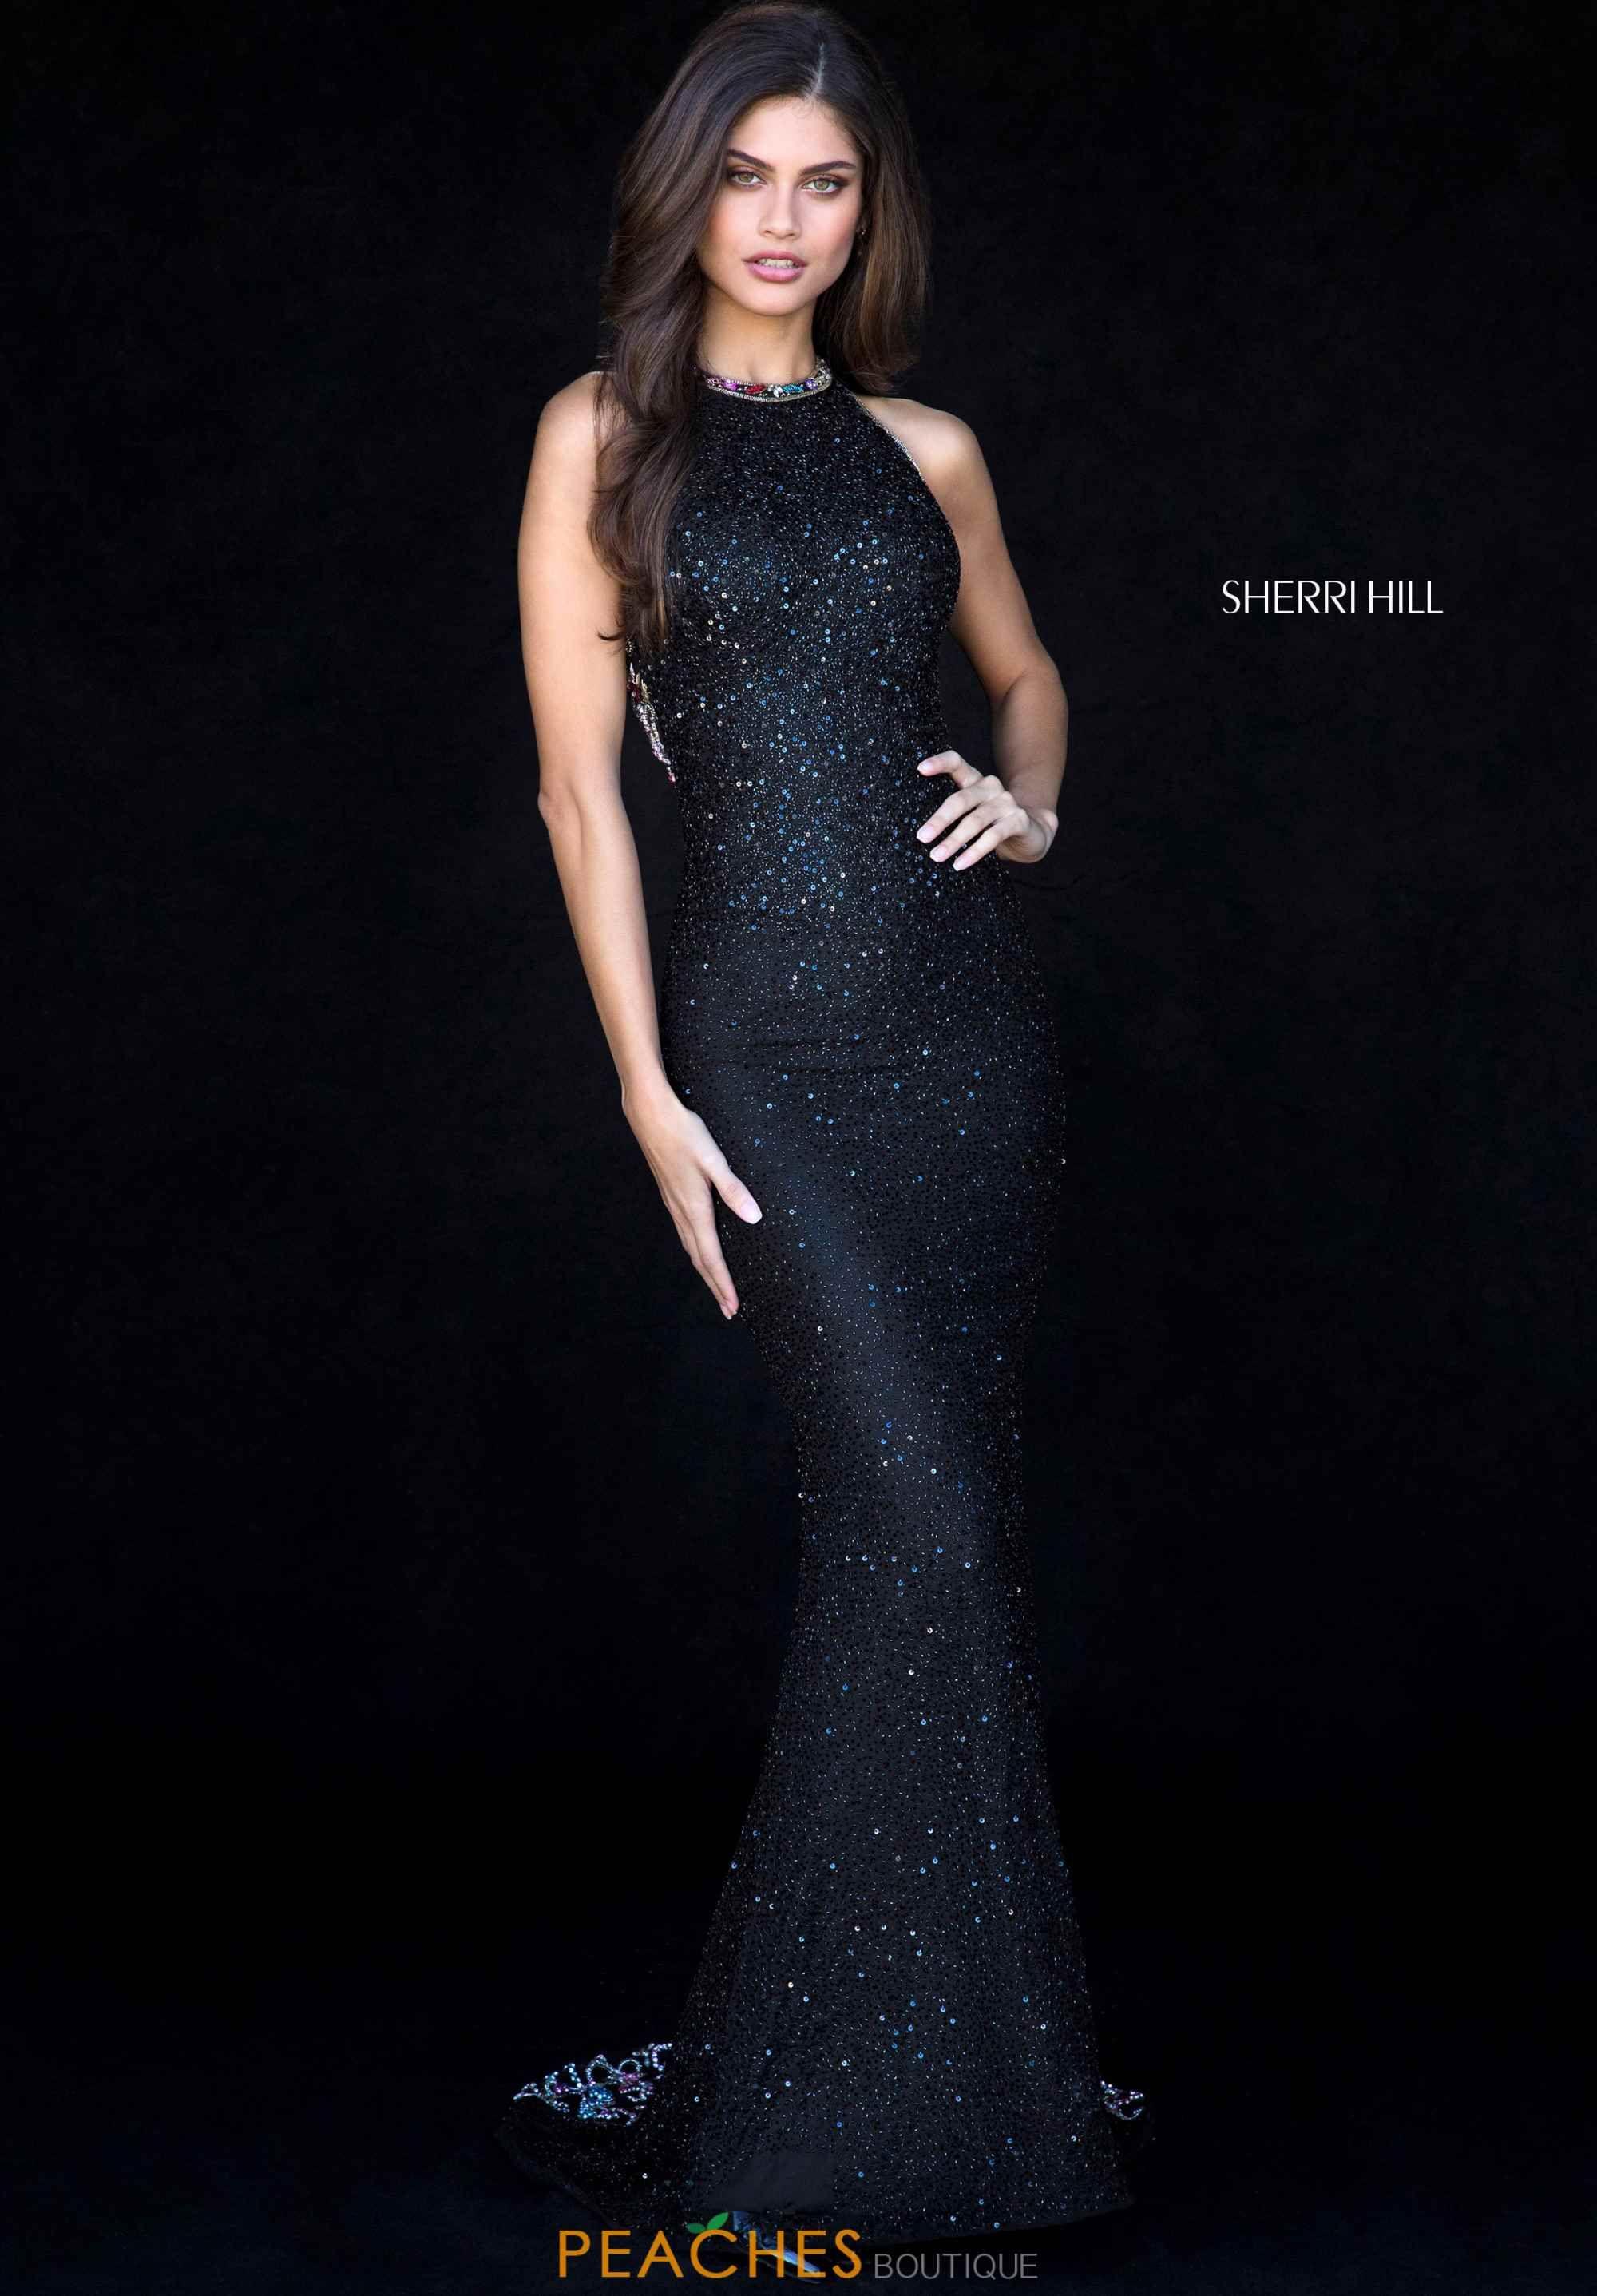 Sherri hill halter beaded dress in long black sequin multi colored